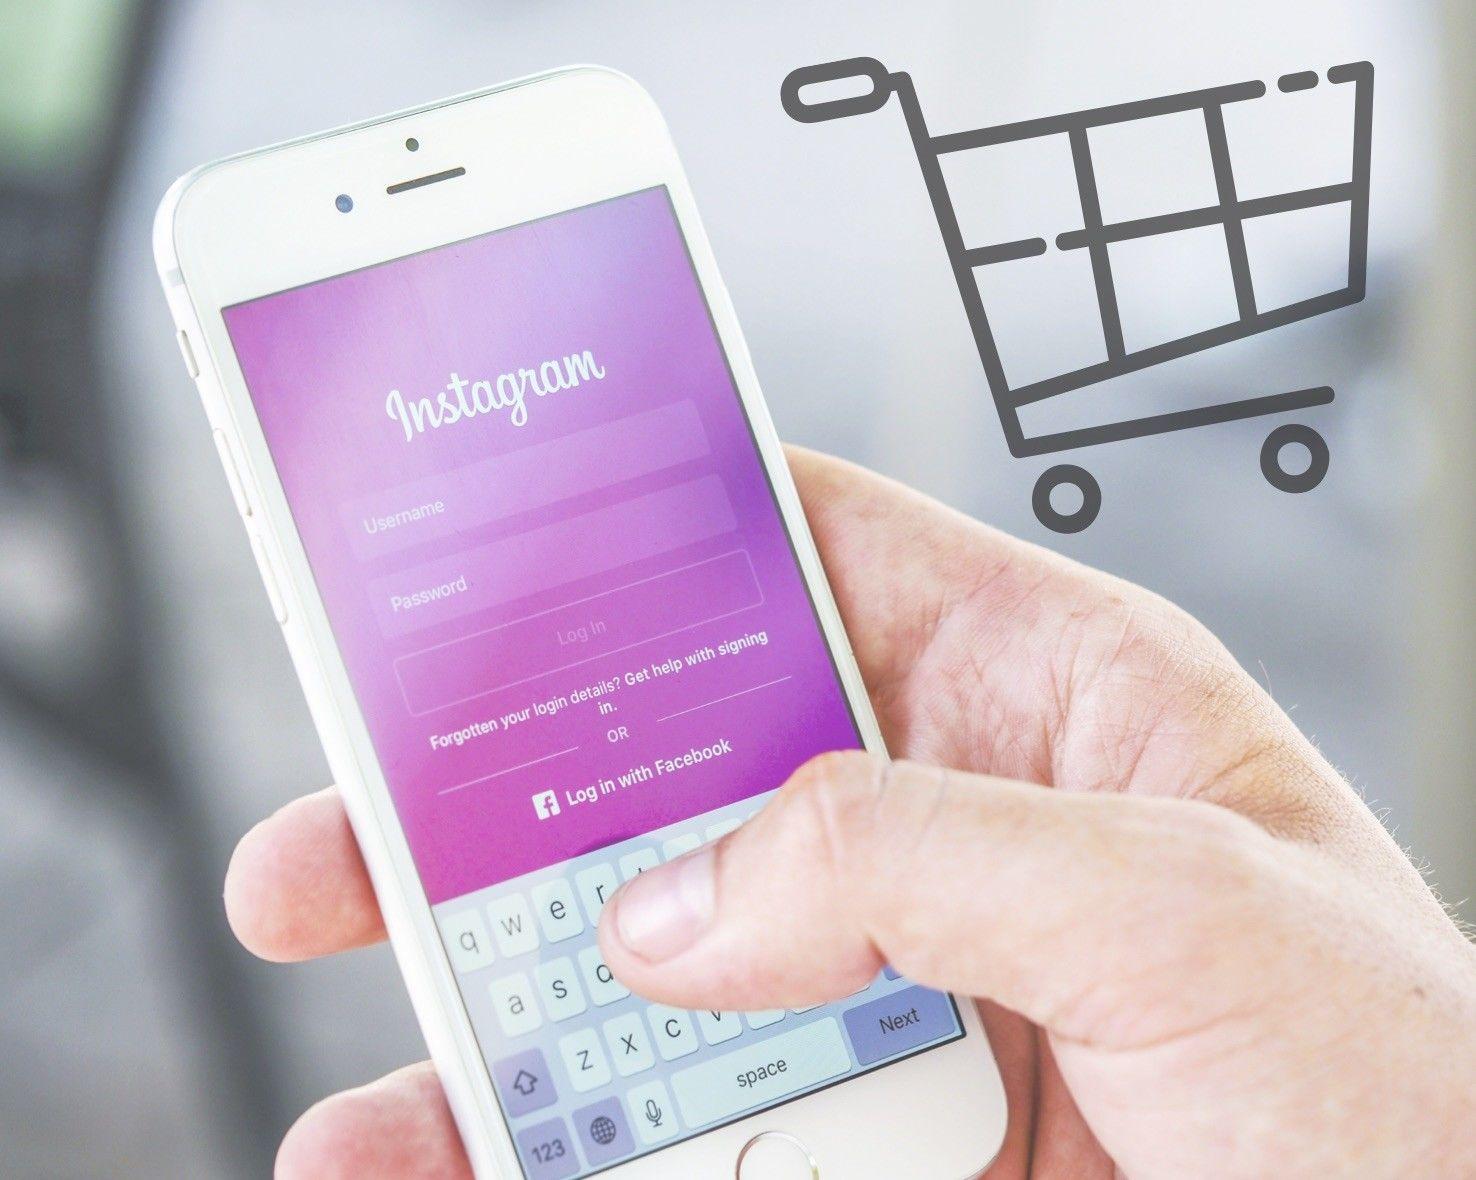 社交平台將顛覆所有產品的銷售模式